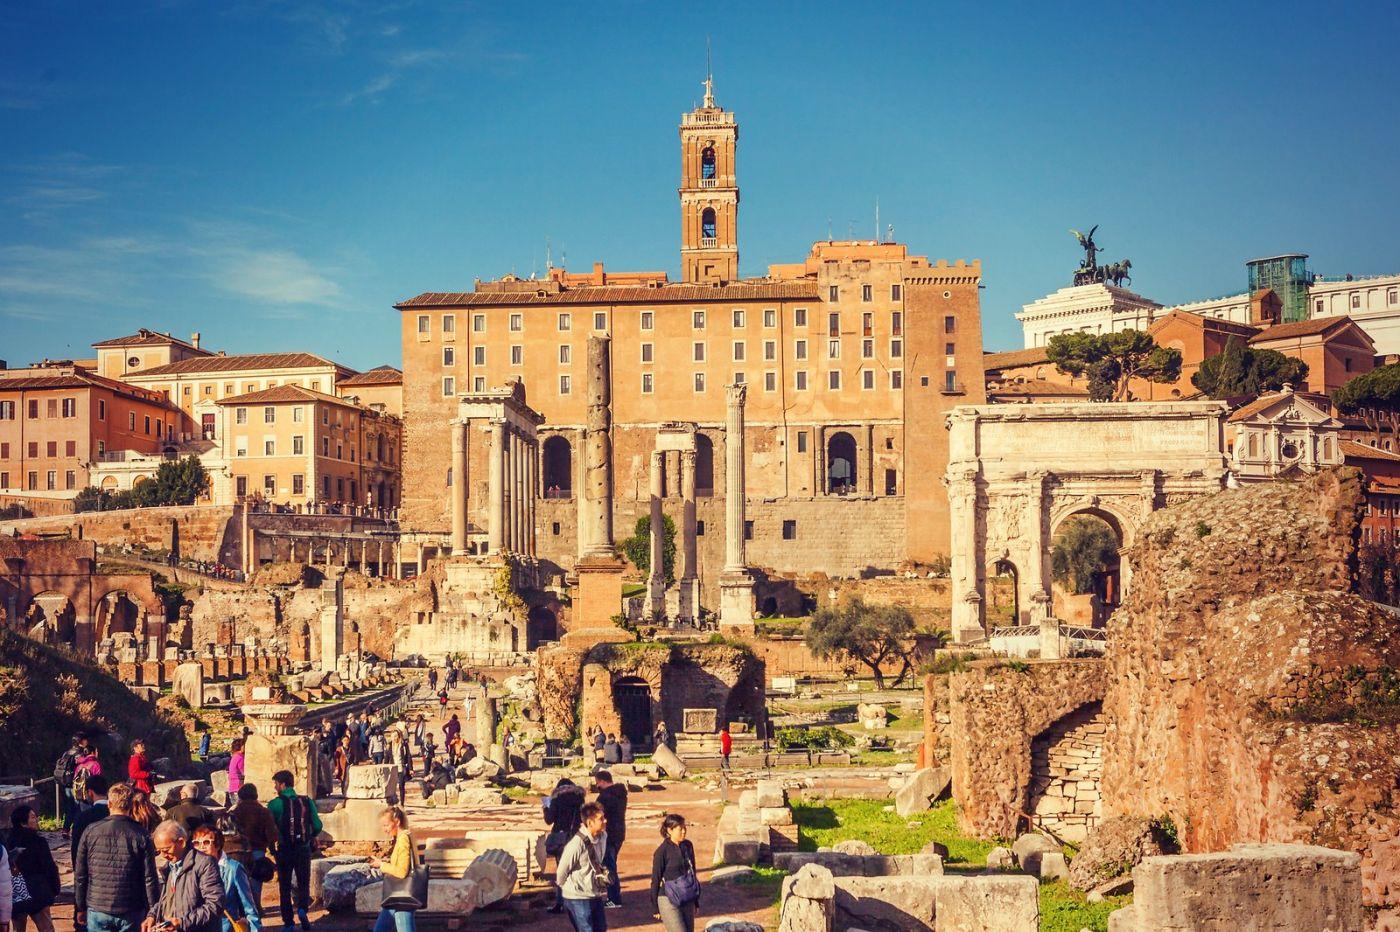 意大利罗马论坛,很敬佩_图1-10